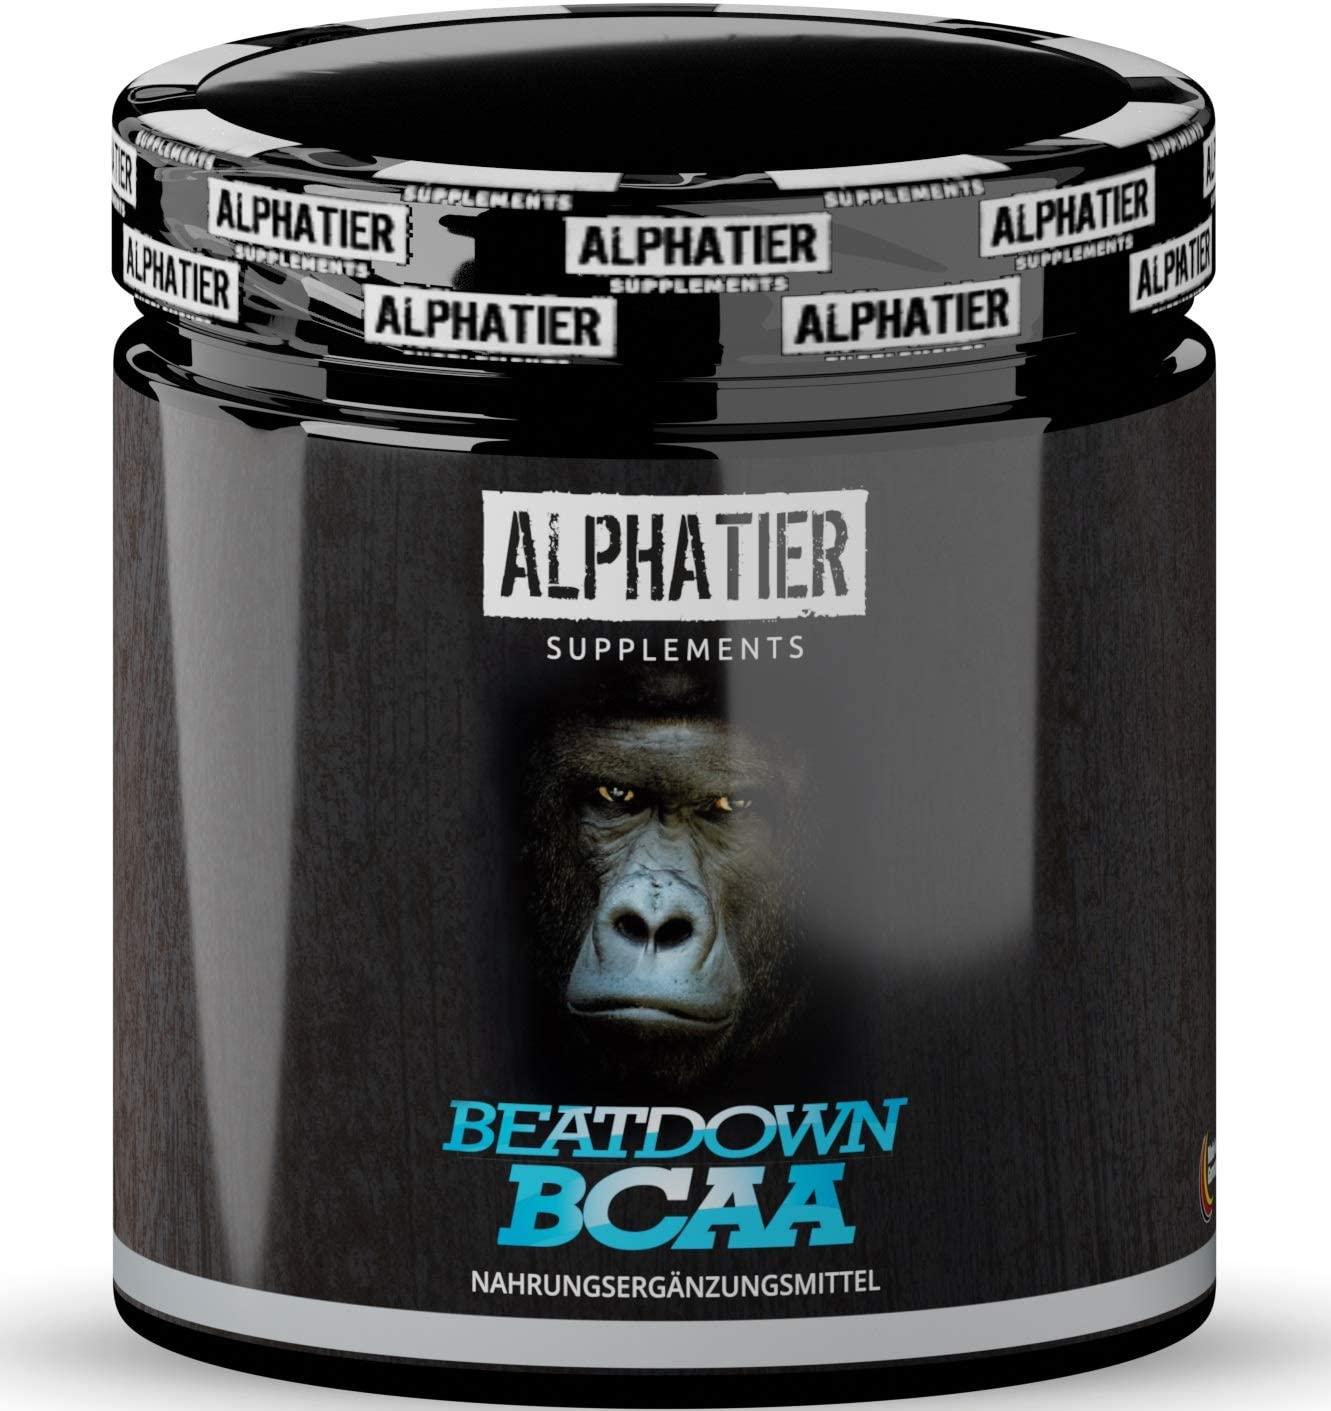 Alphatier Beatdown BCAAs ohne Zusatzstoffe und Gelatine